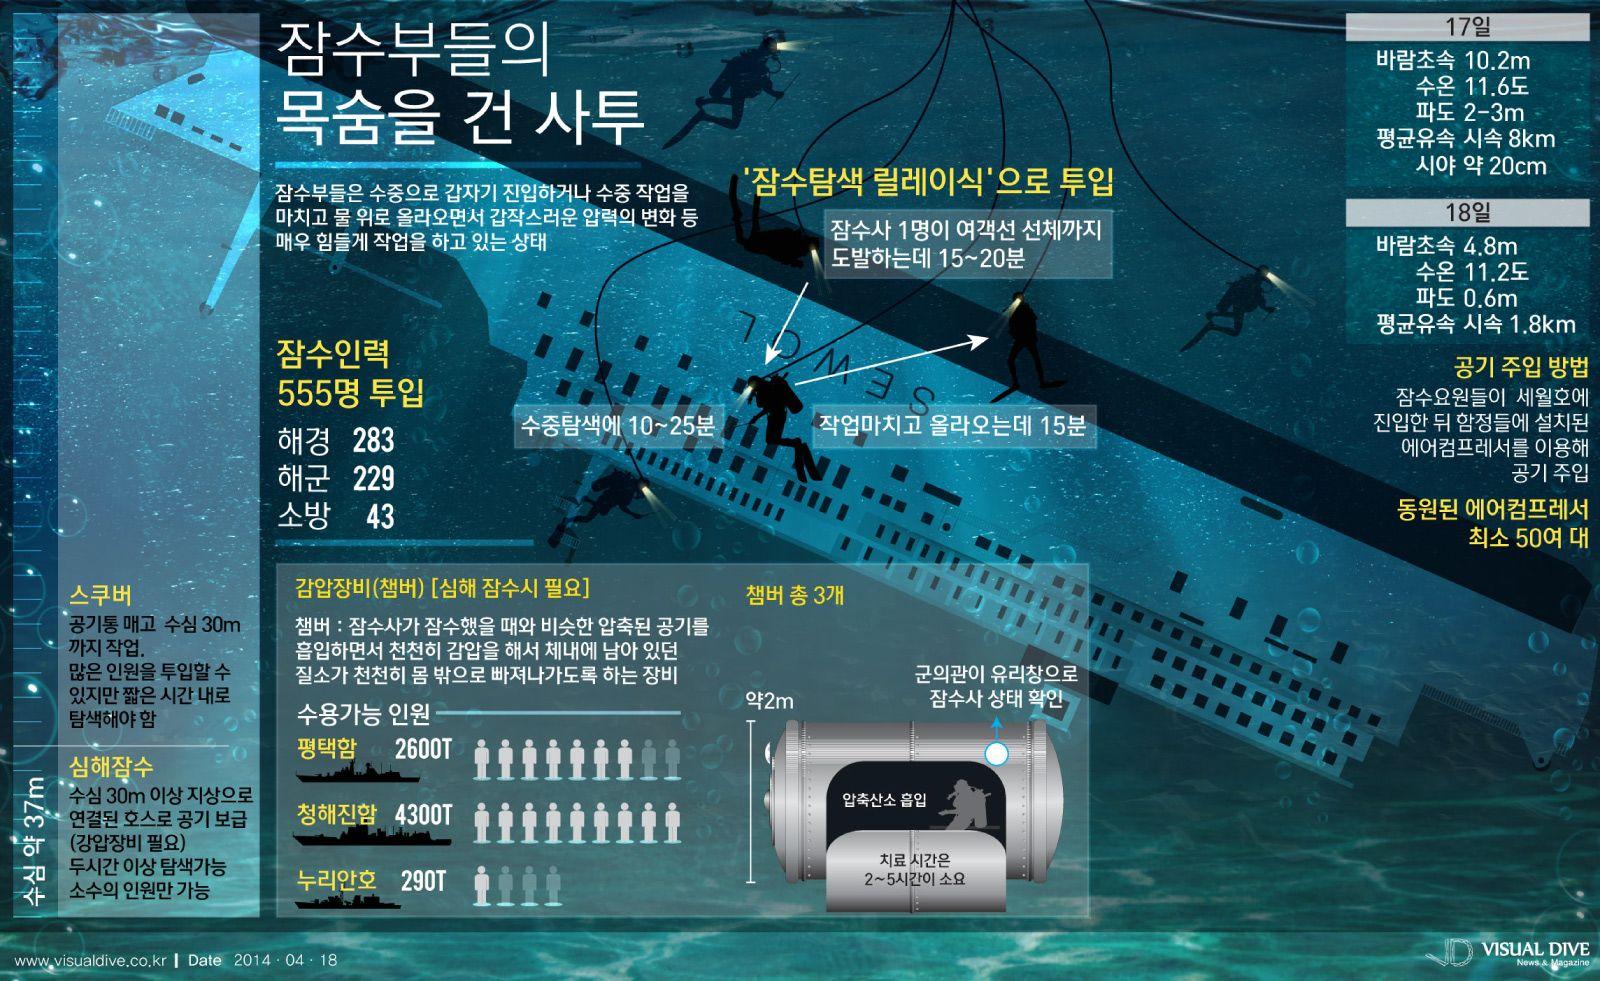 '세월호 침몰' 참사 3일째… 잠수부들의 목숨을 건 사투 [인포그래픽] #ship #Infographic ⓒ 비주얼다이브 무단 복사·전재·재배포